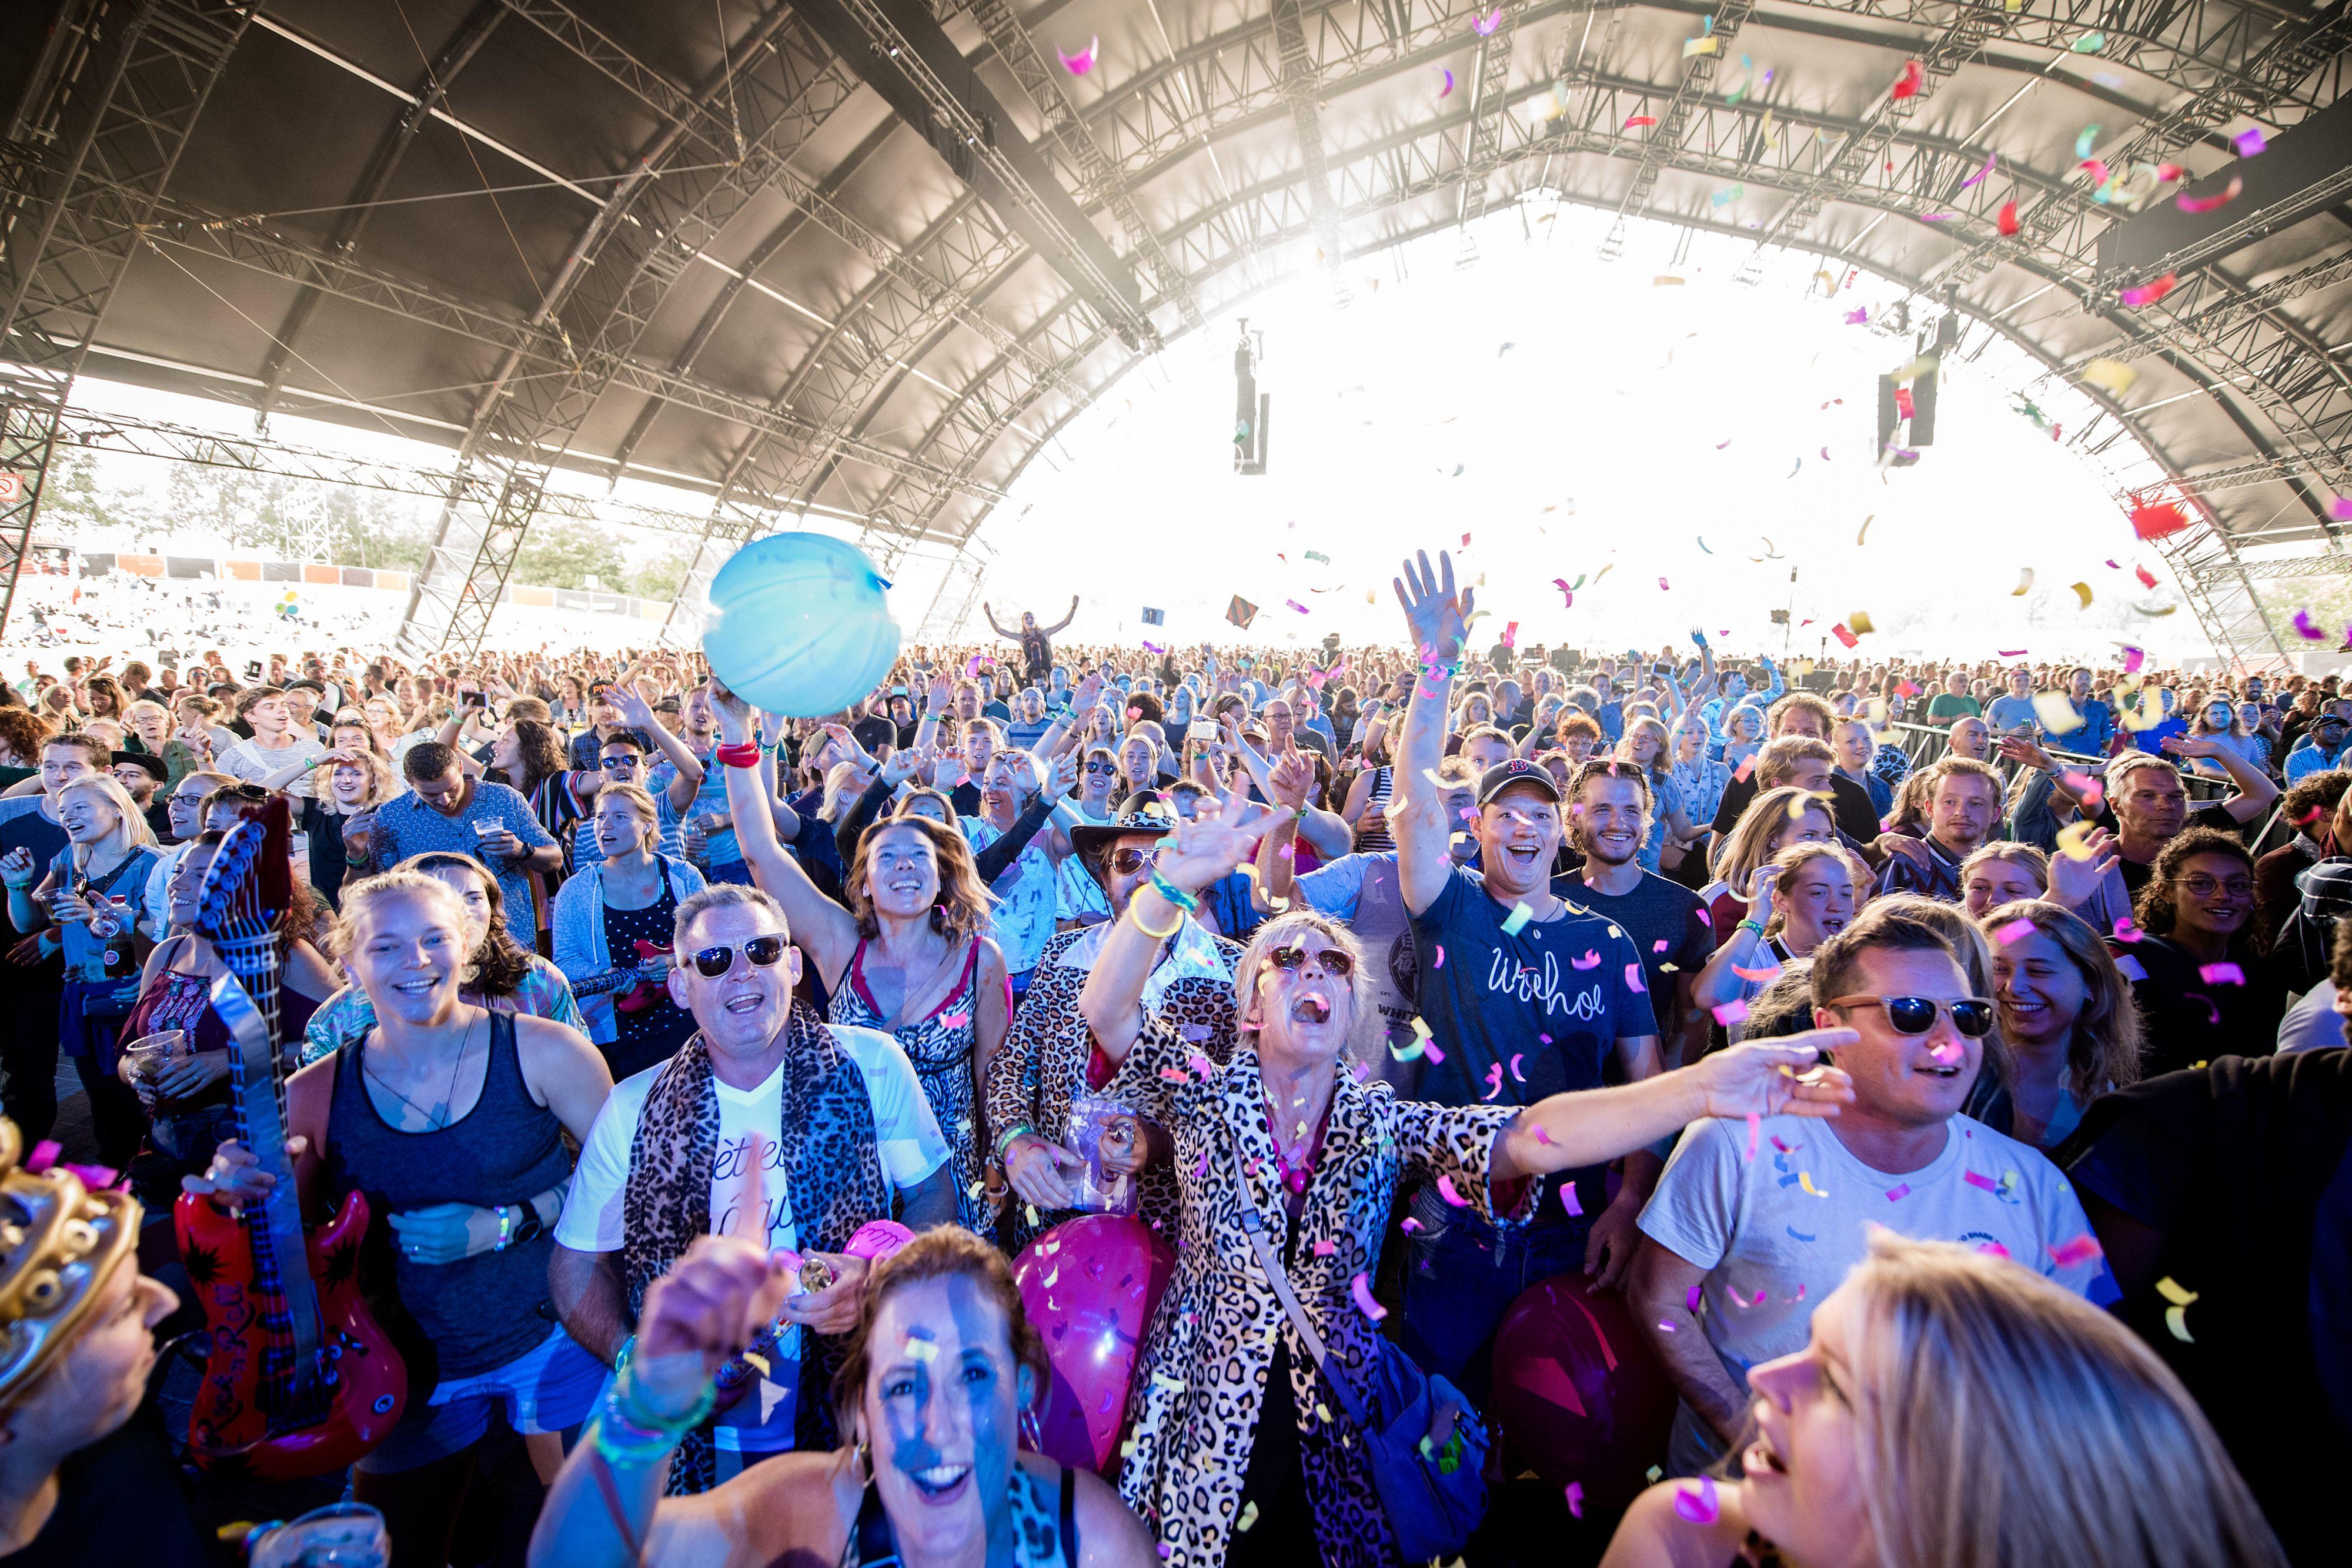 Teleurgesteld om afgelaste festivals? 'Stel verwachtingen bij'